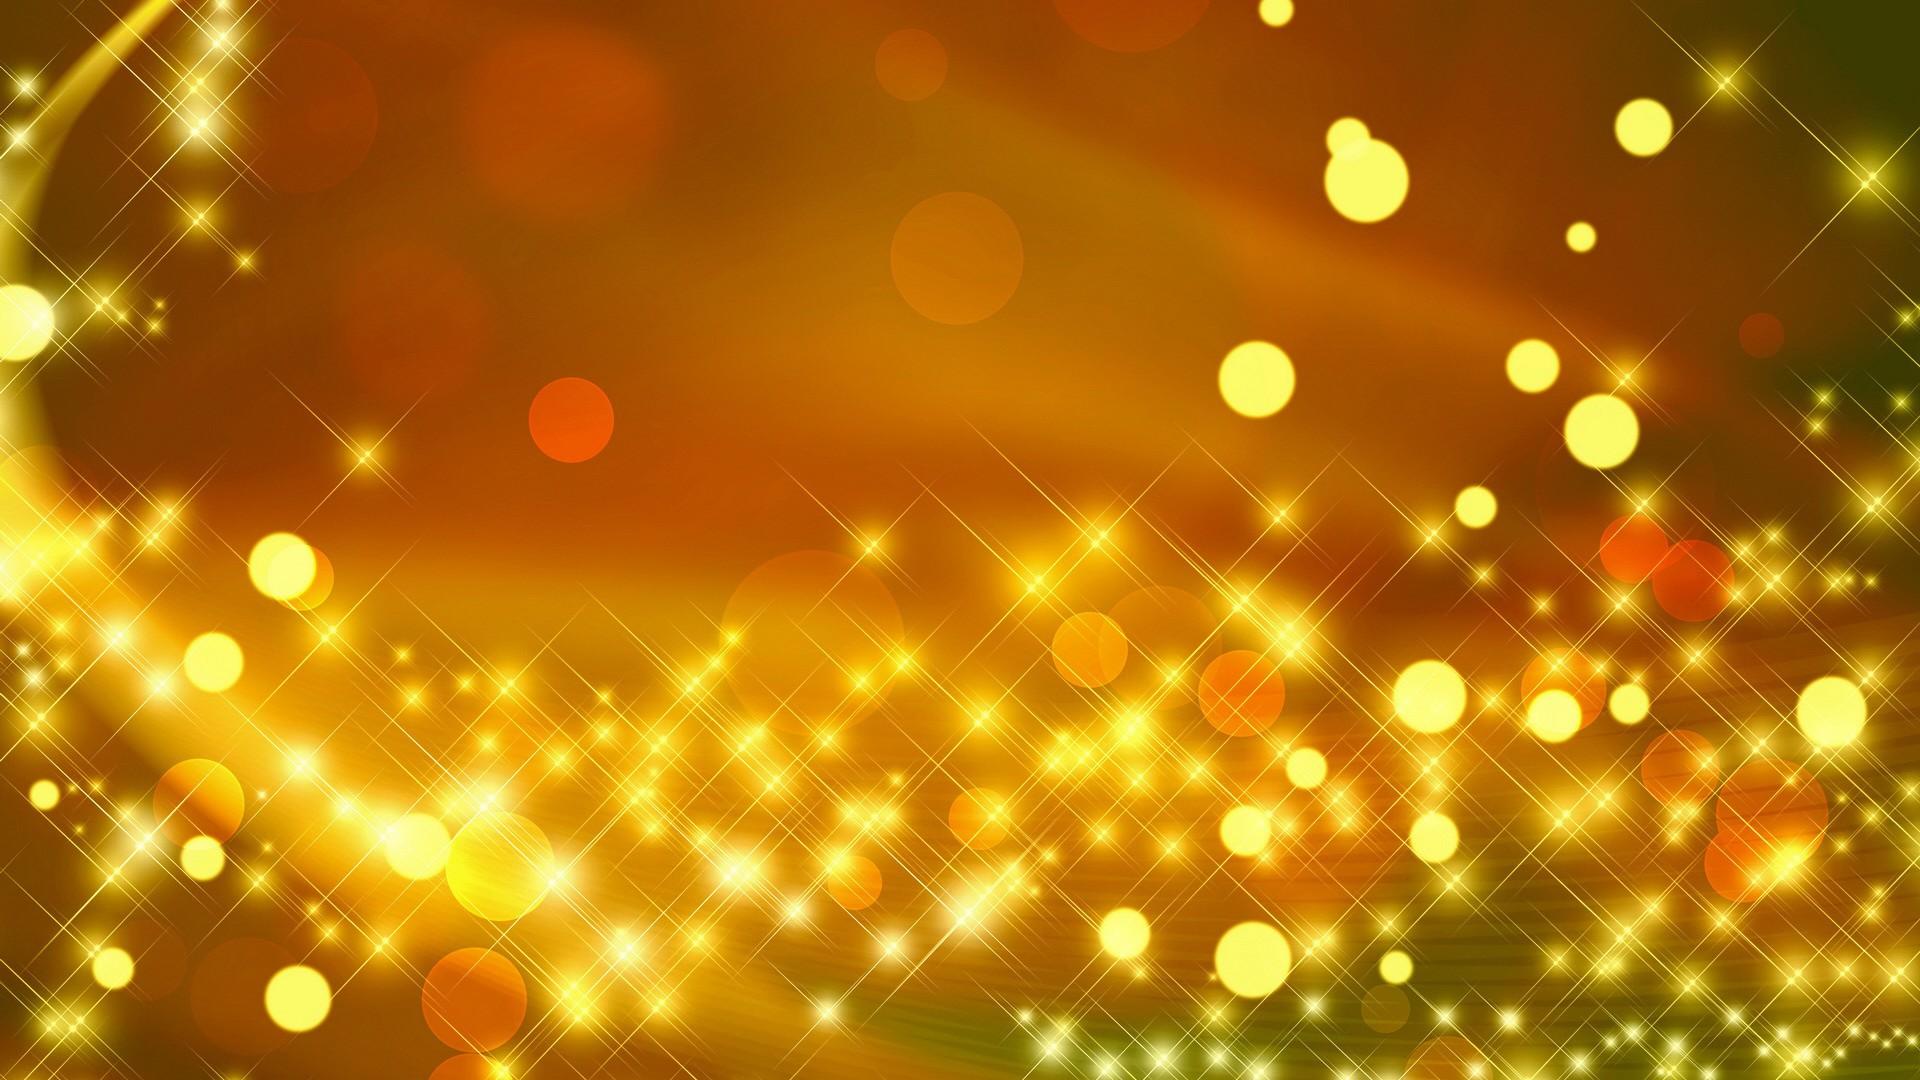 Christmas Lights Best HD Wallpaper